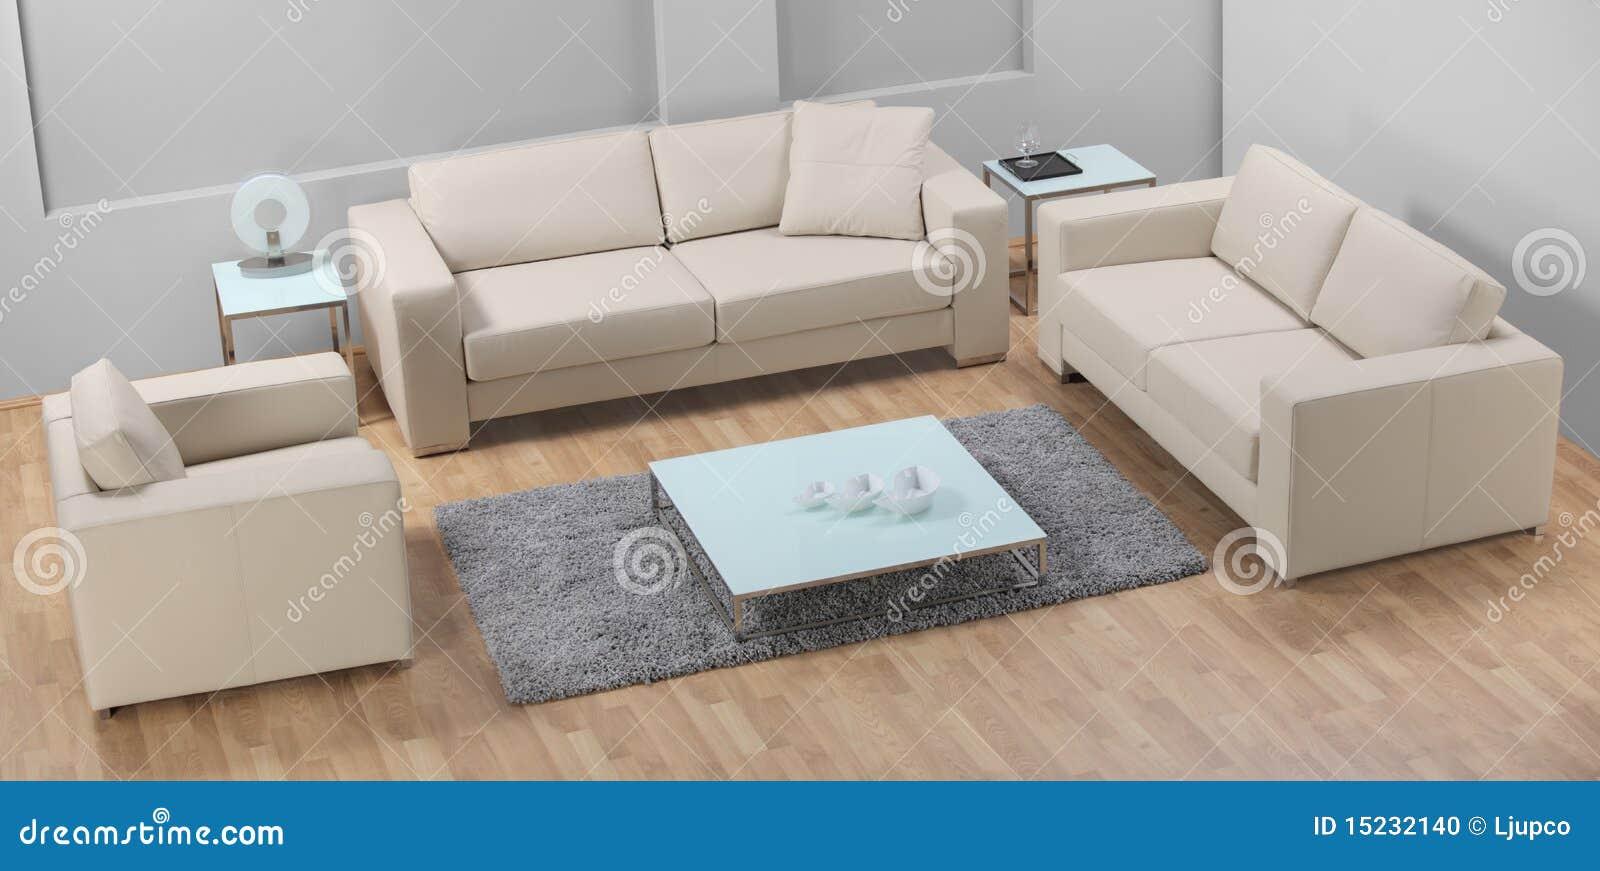 Salas De Estar Minimalistas Fotos ~ Foto de archivo Una sala de estar minimalista moderna con el sofá de